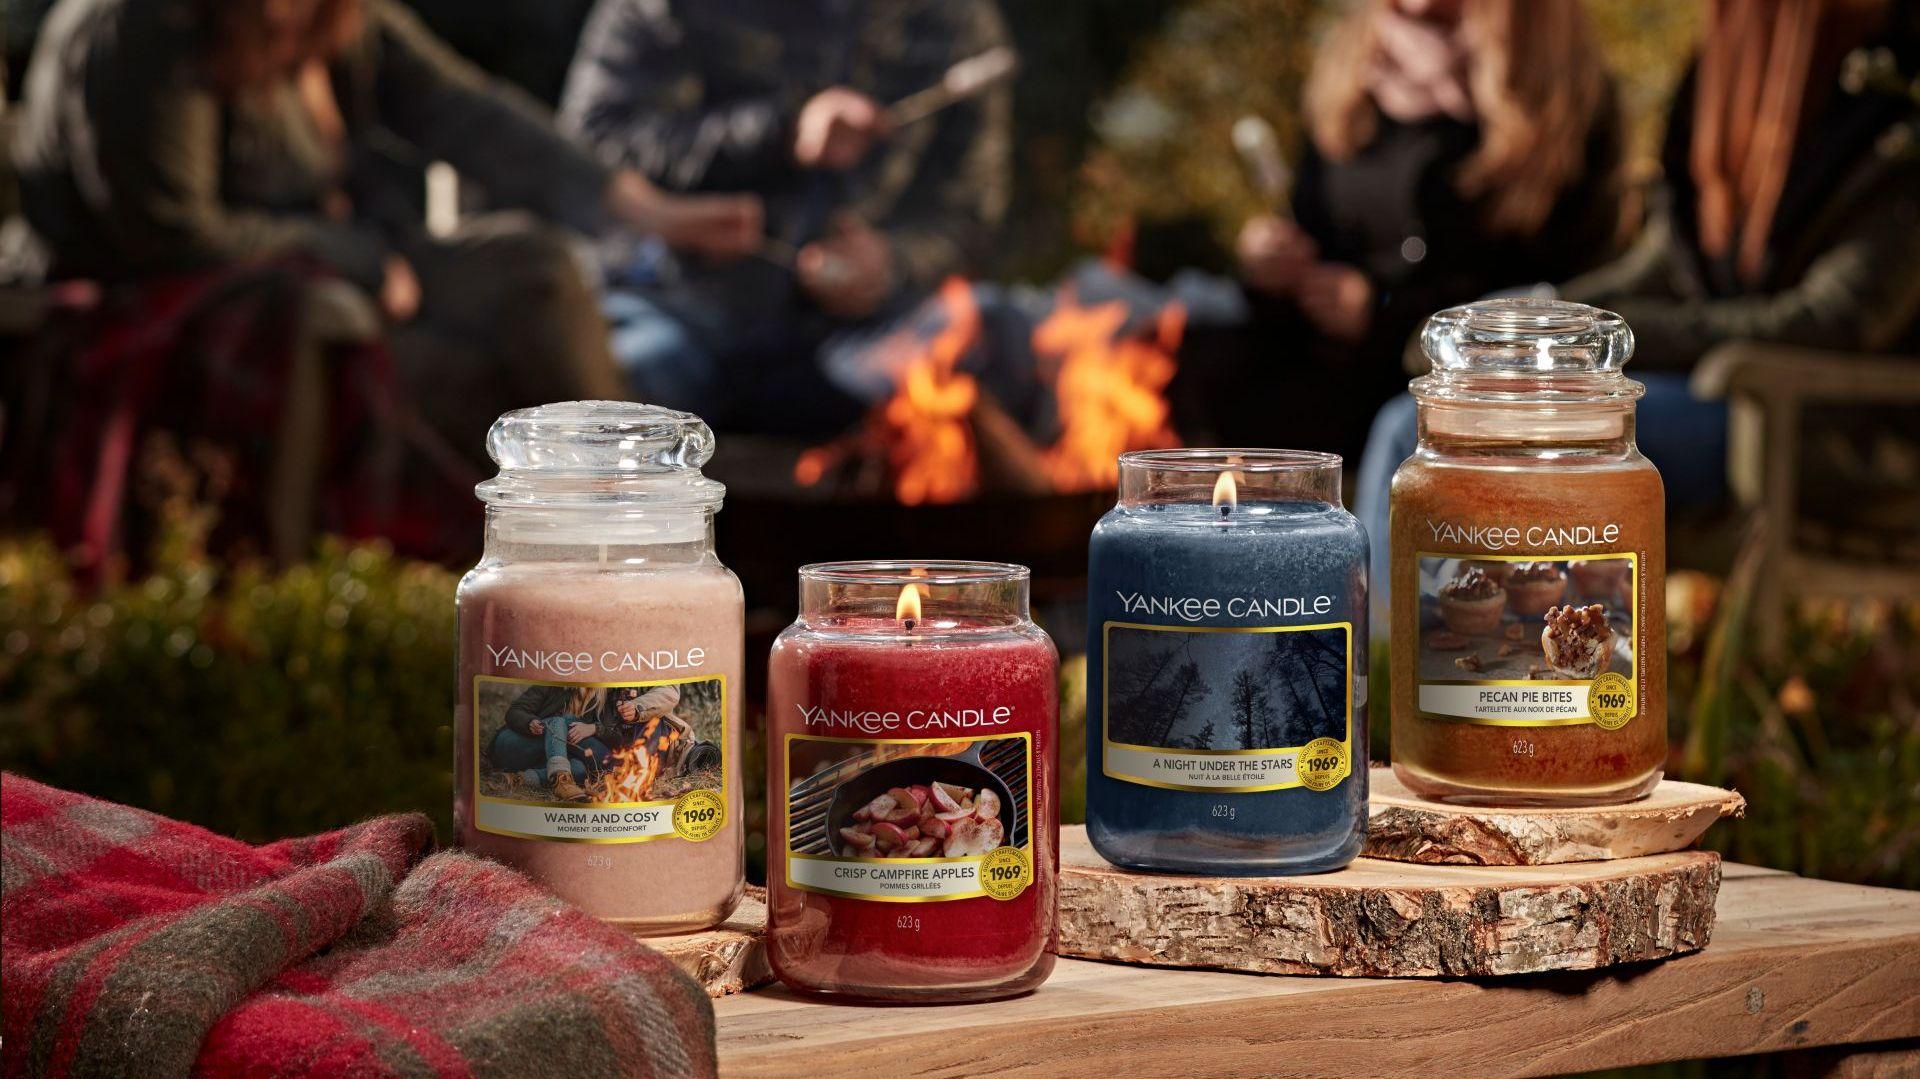 Kolekcja Campfire Nights zaprasza do spędzenia letnich wieczorów z rodziną i przyjaciółmi pod rozgwieżdżonym niebem. Fot. Yankee Candle